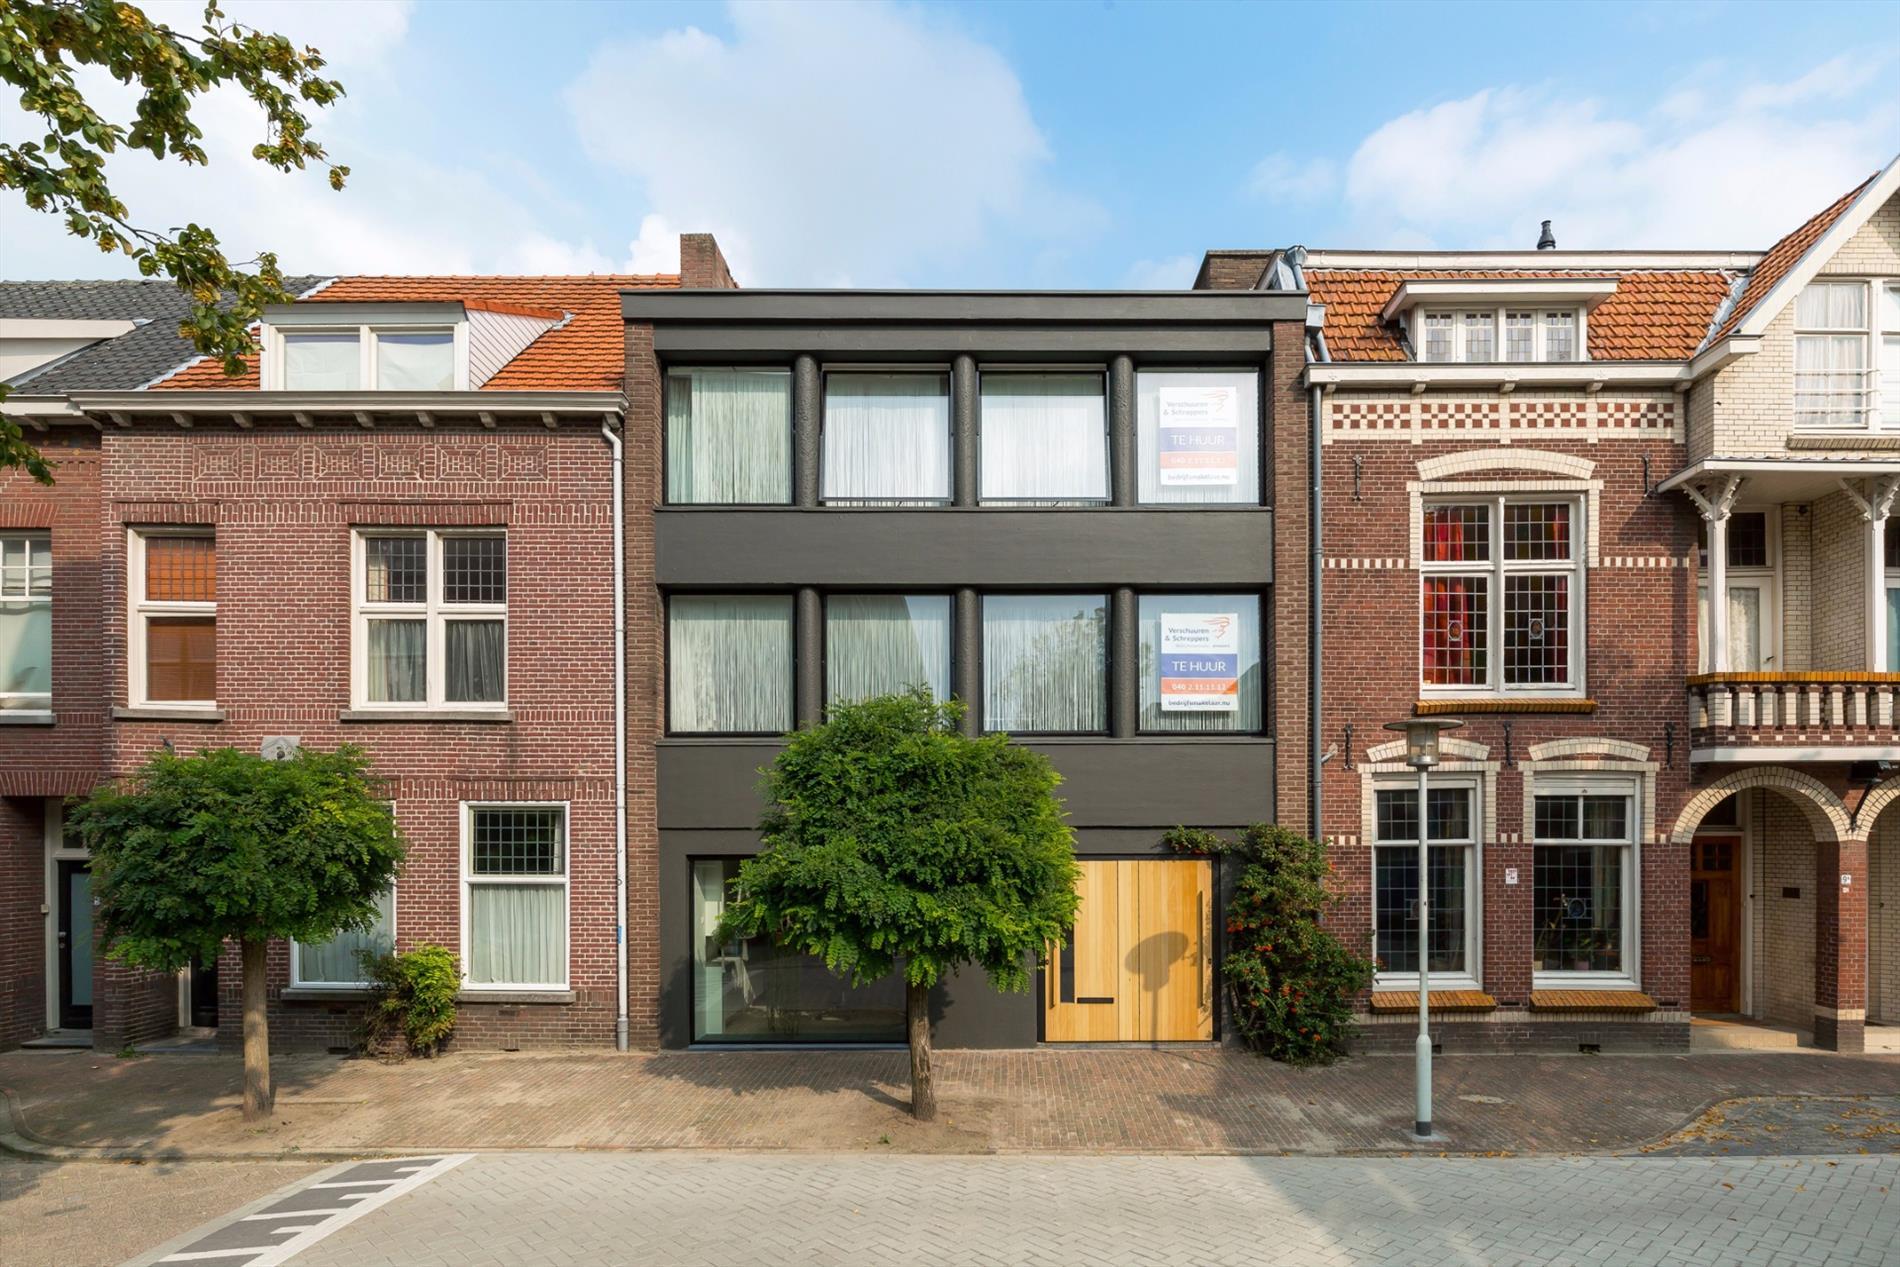 St Catharinastraat